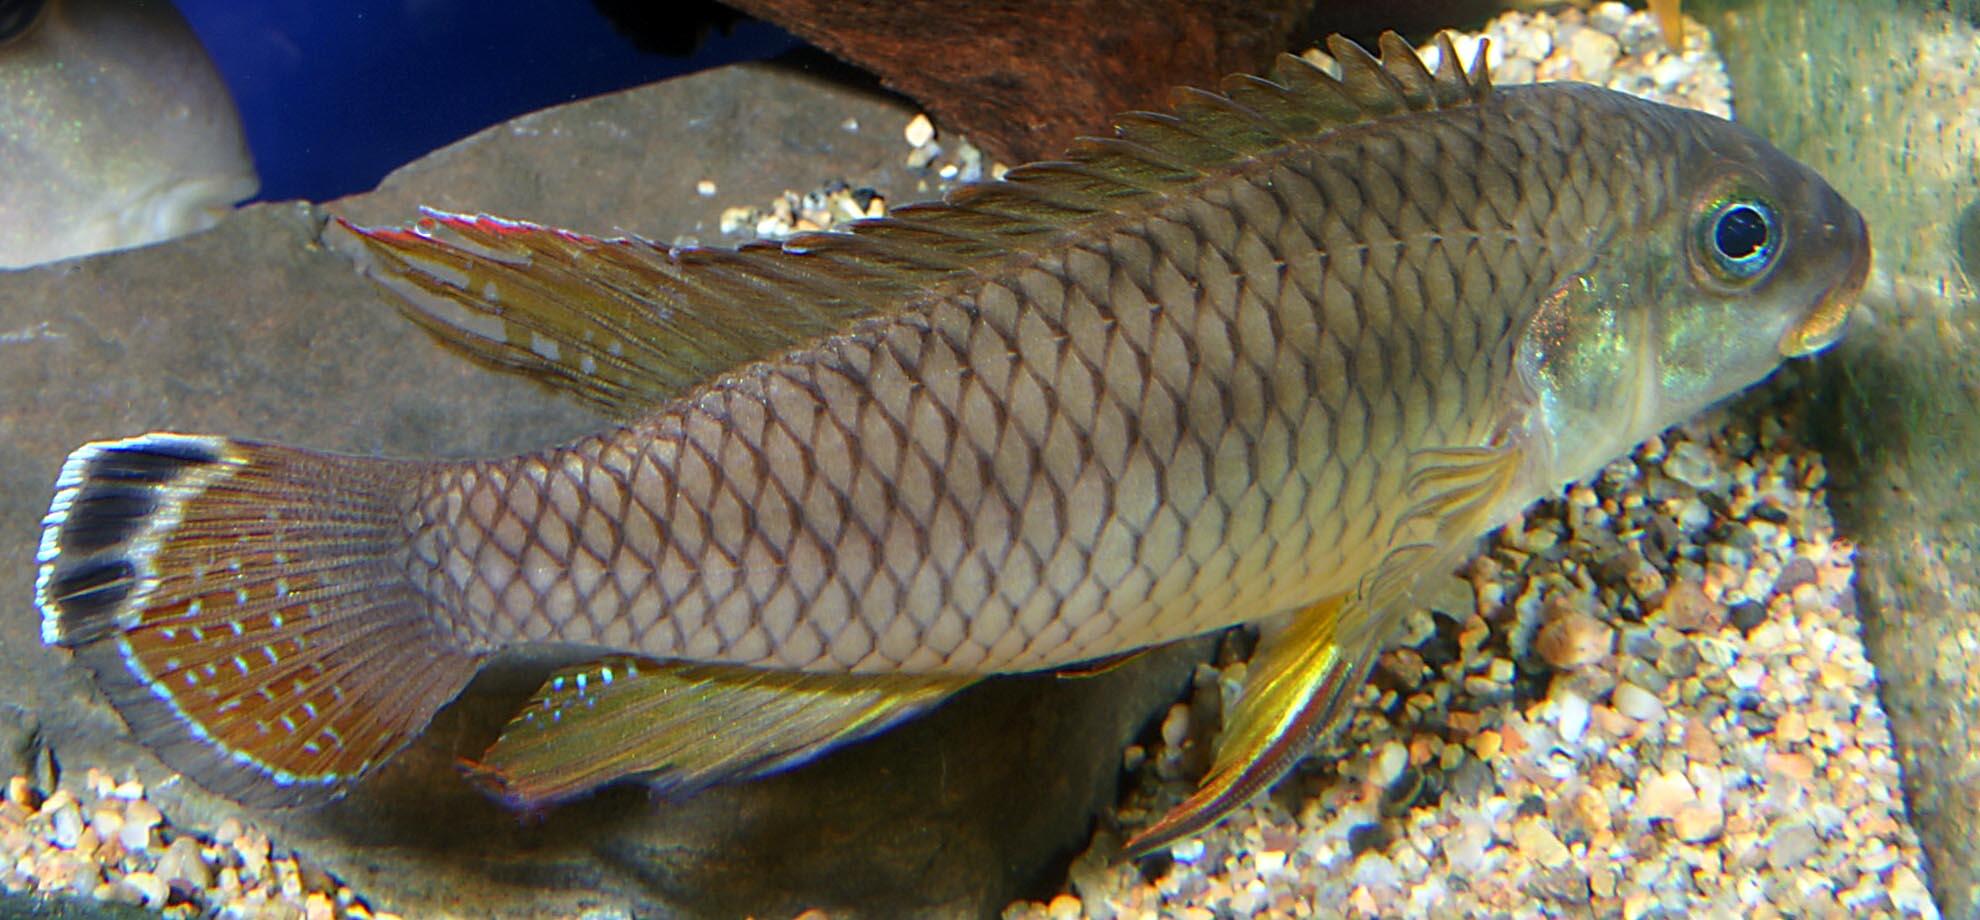 Pelvicachromis taeniatus  quot Wouri quot  male Pelvicachromis Taeniatus Wouri